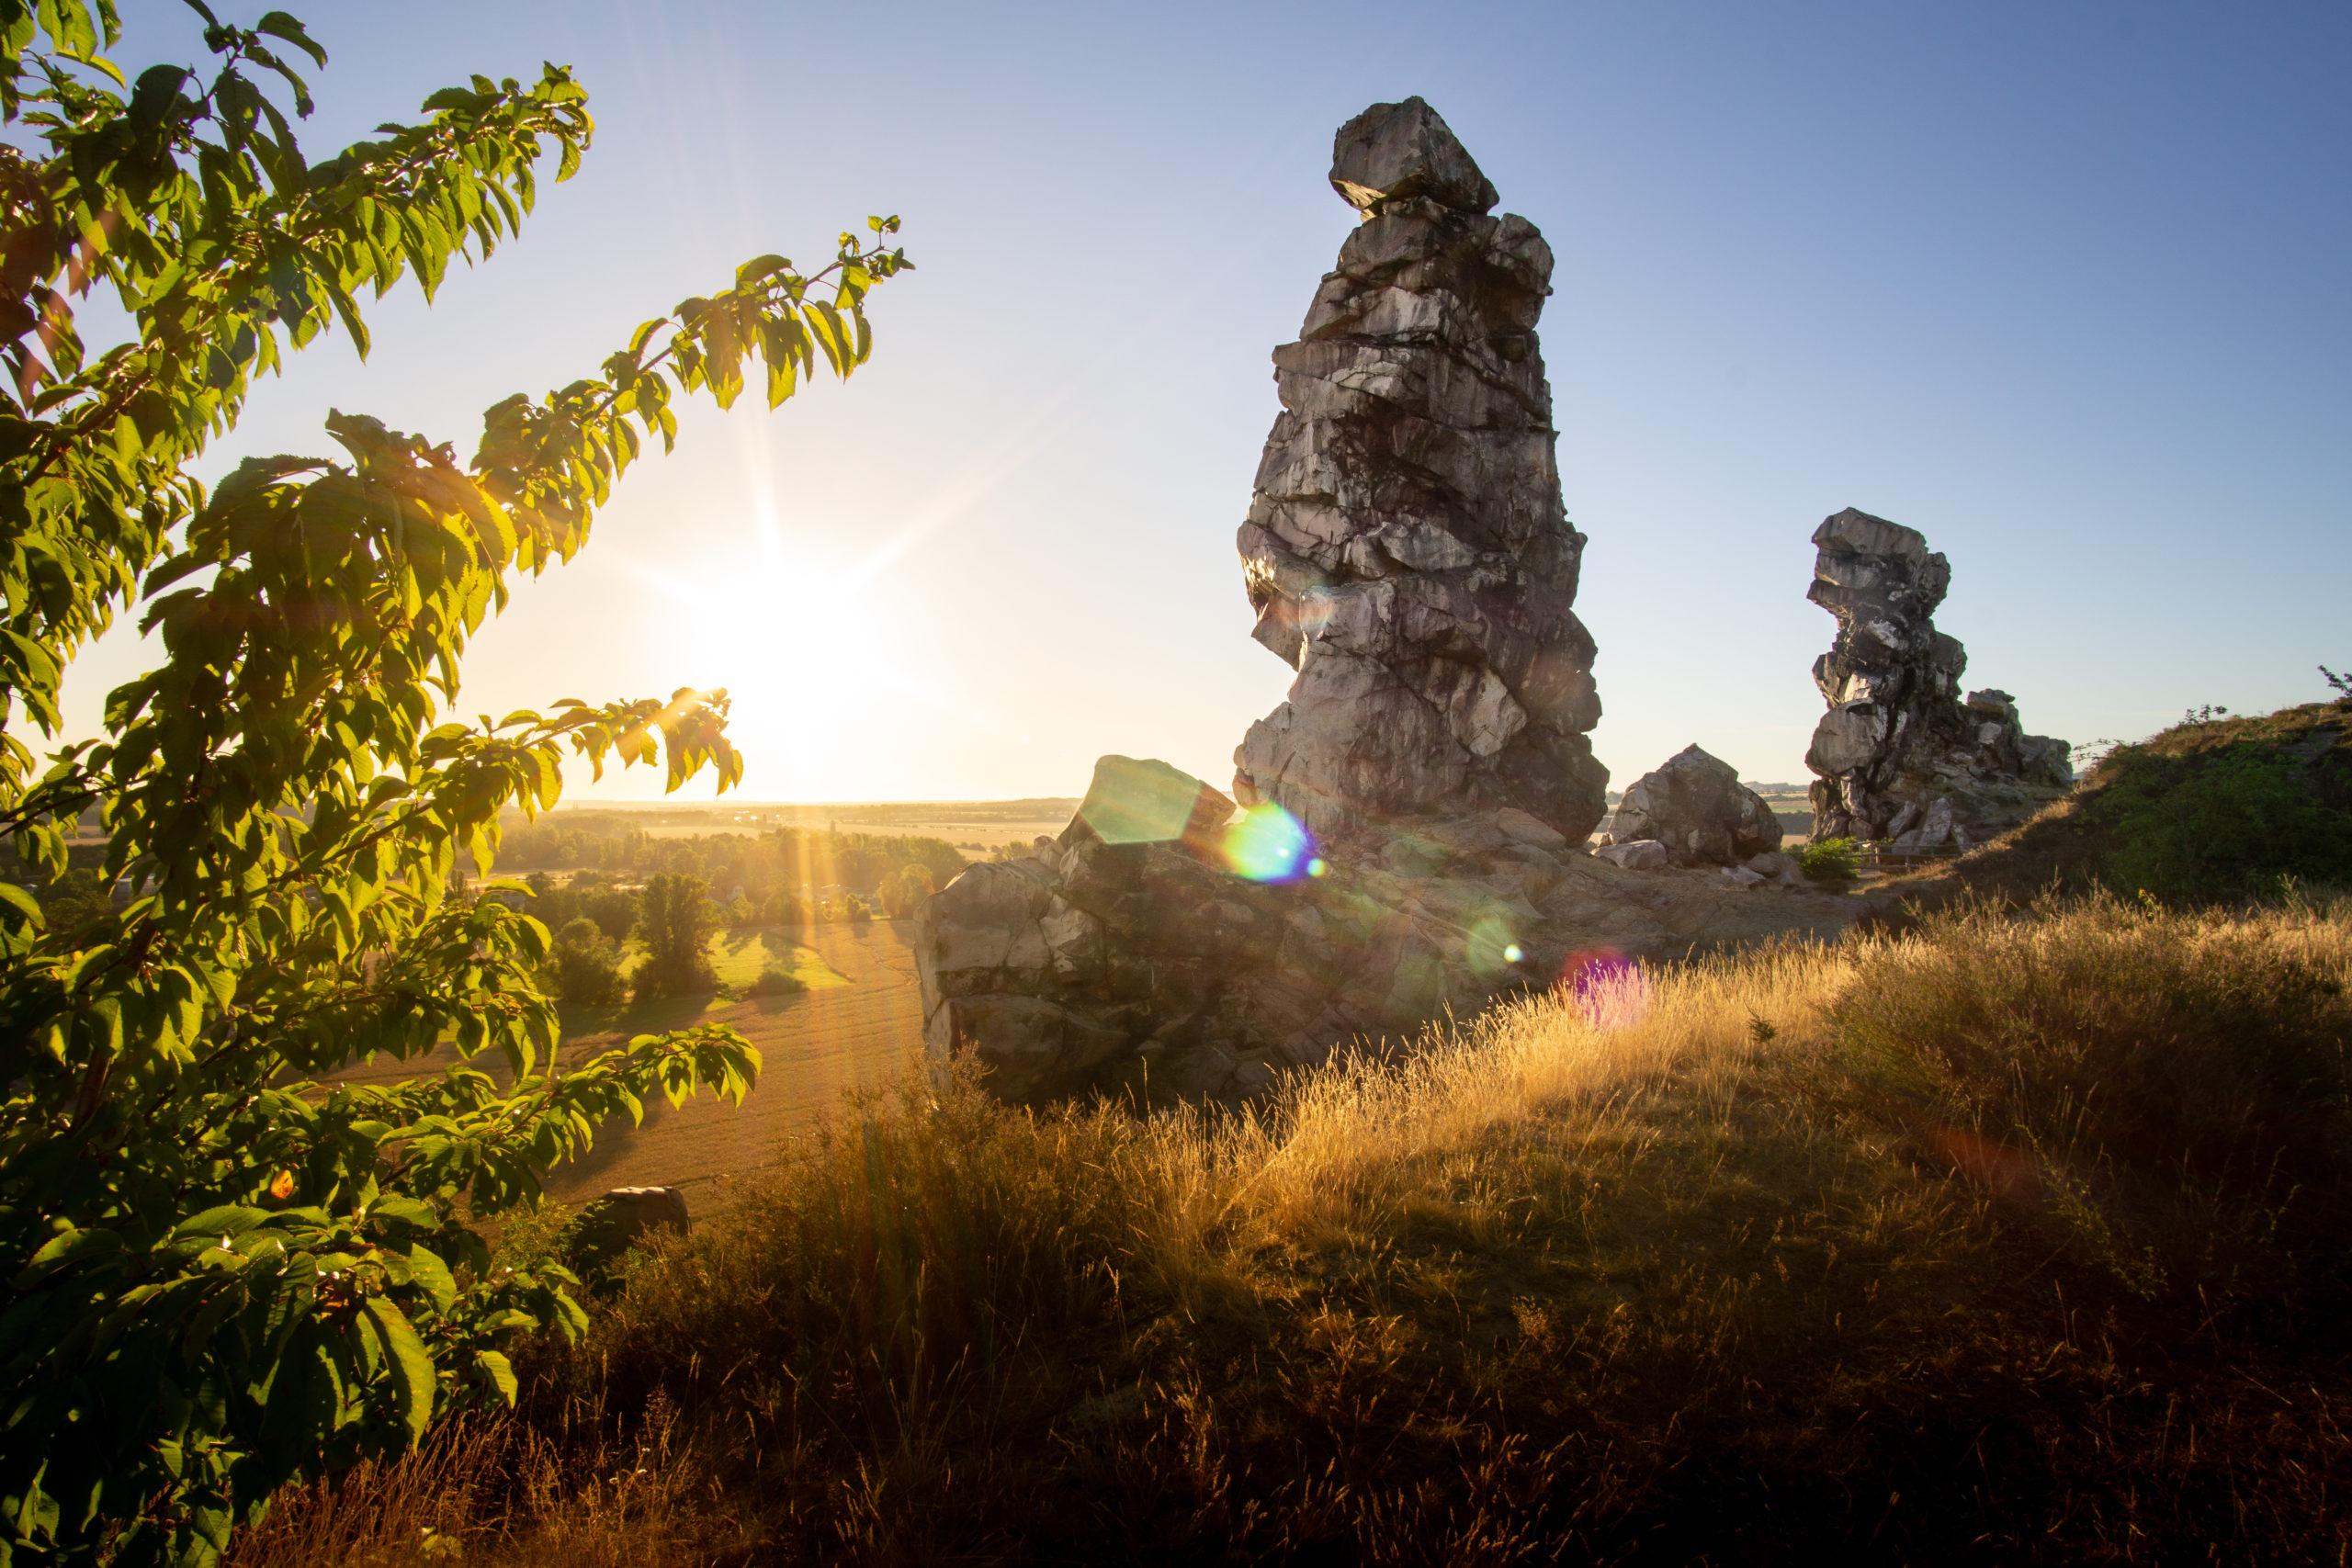 Sommerurlaub Ostdeutschland: Felsformation im Harz